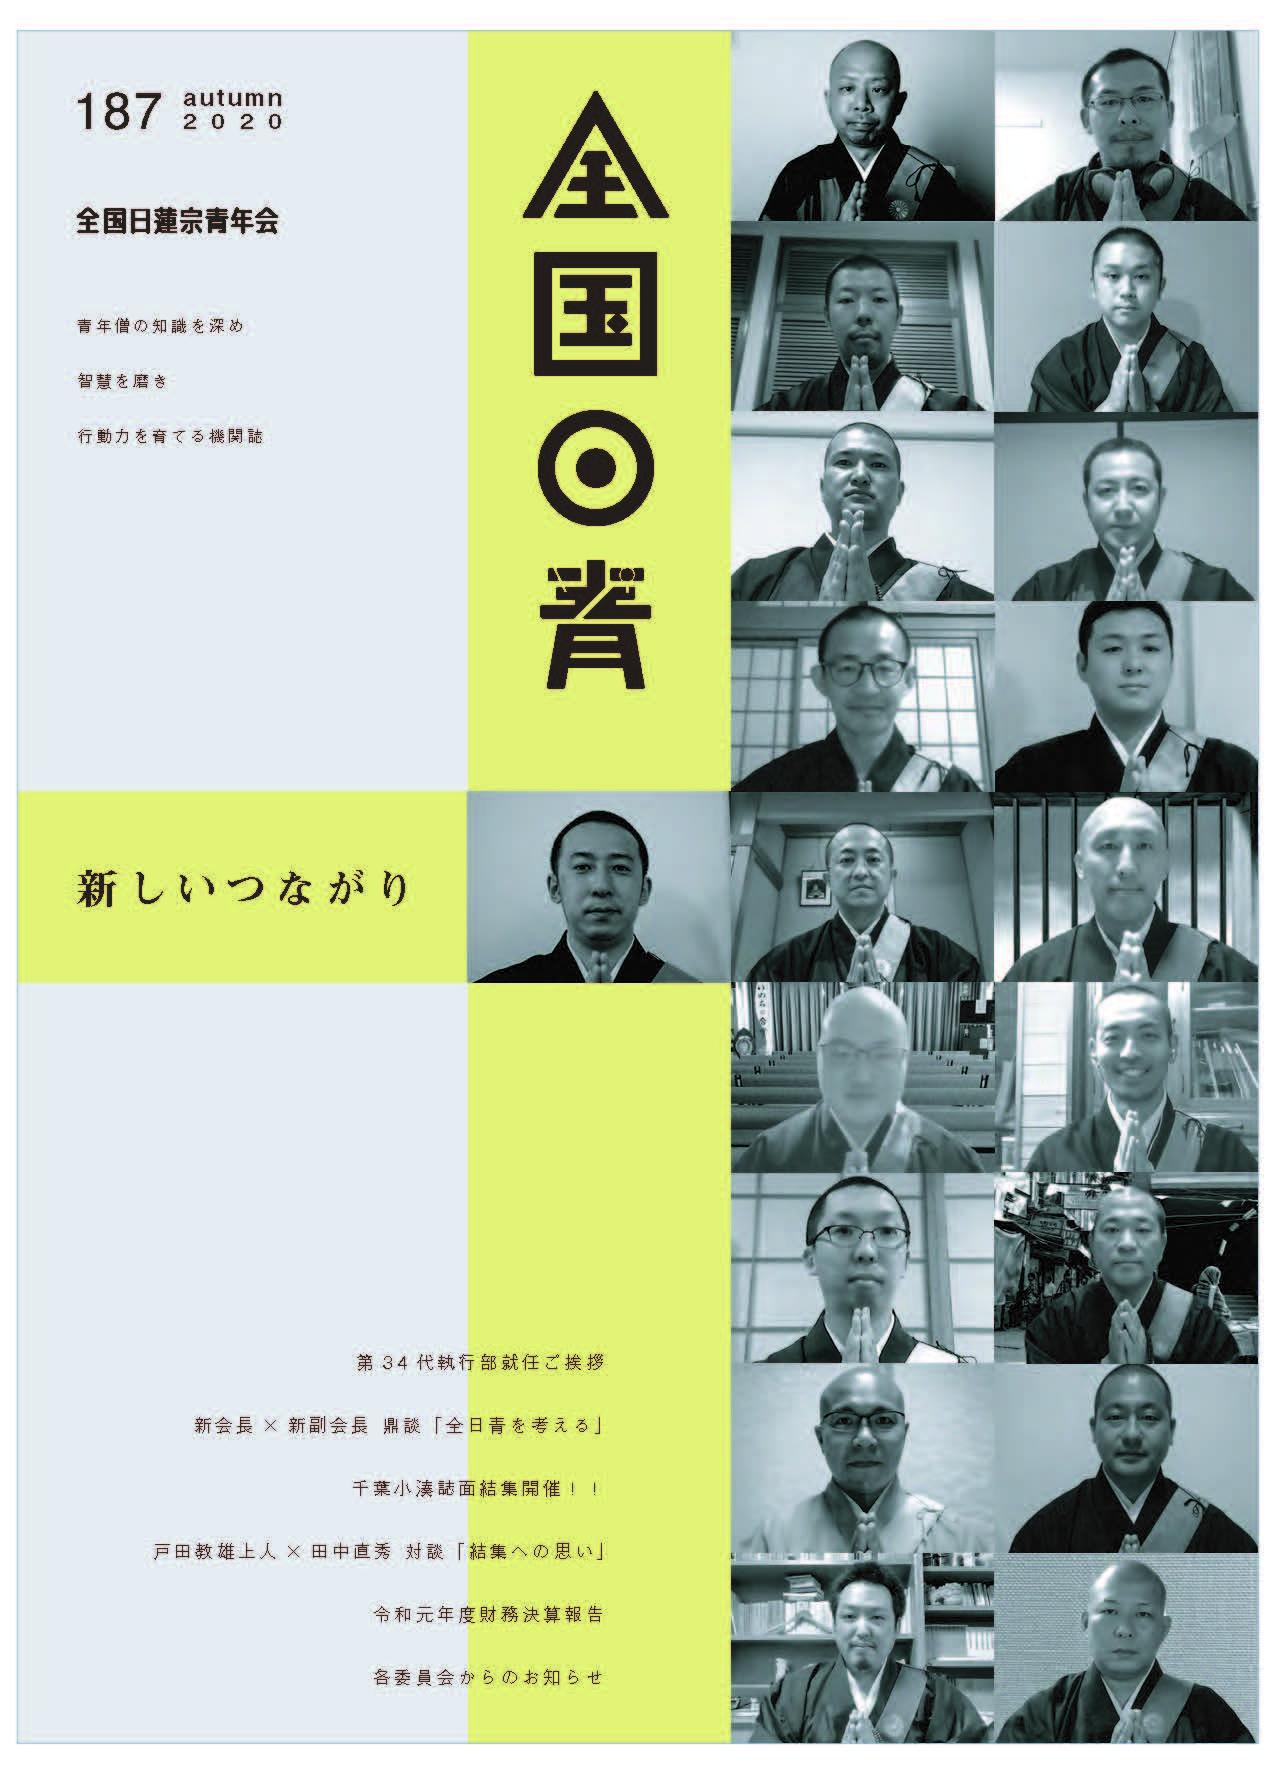 機関誌vol187-イメージ